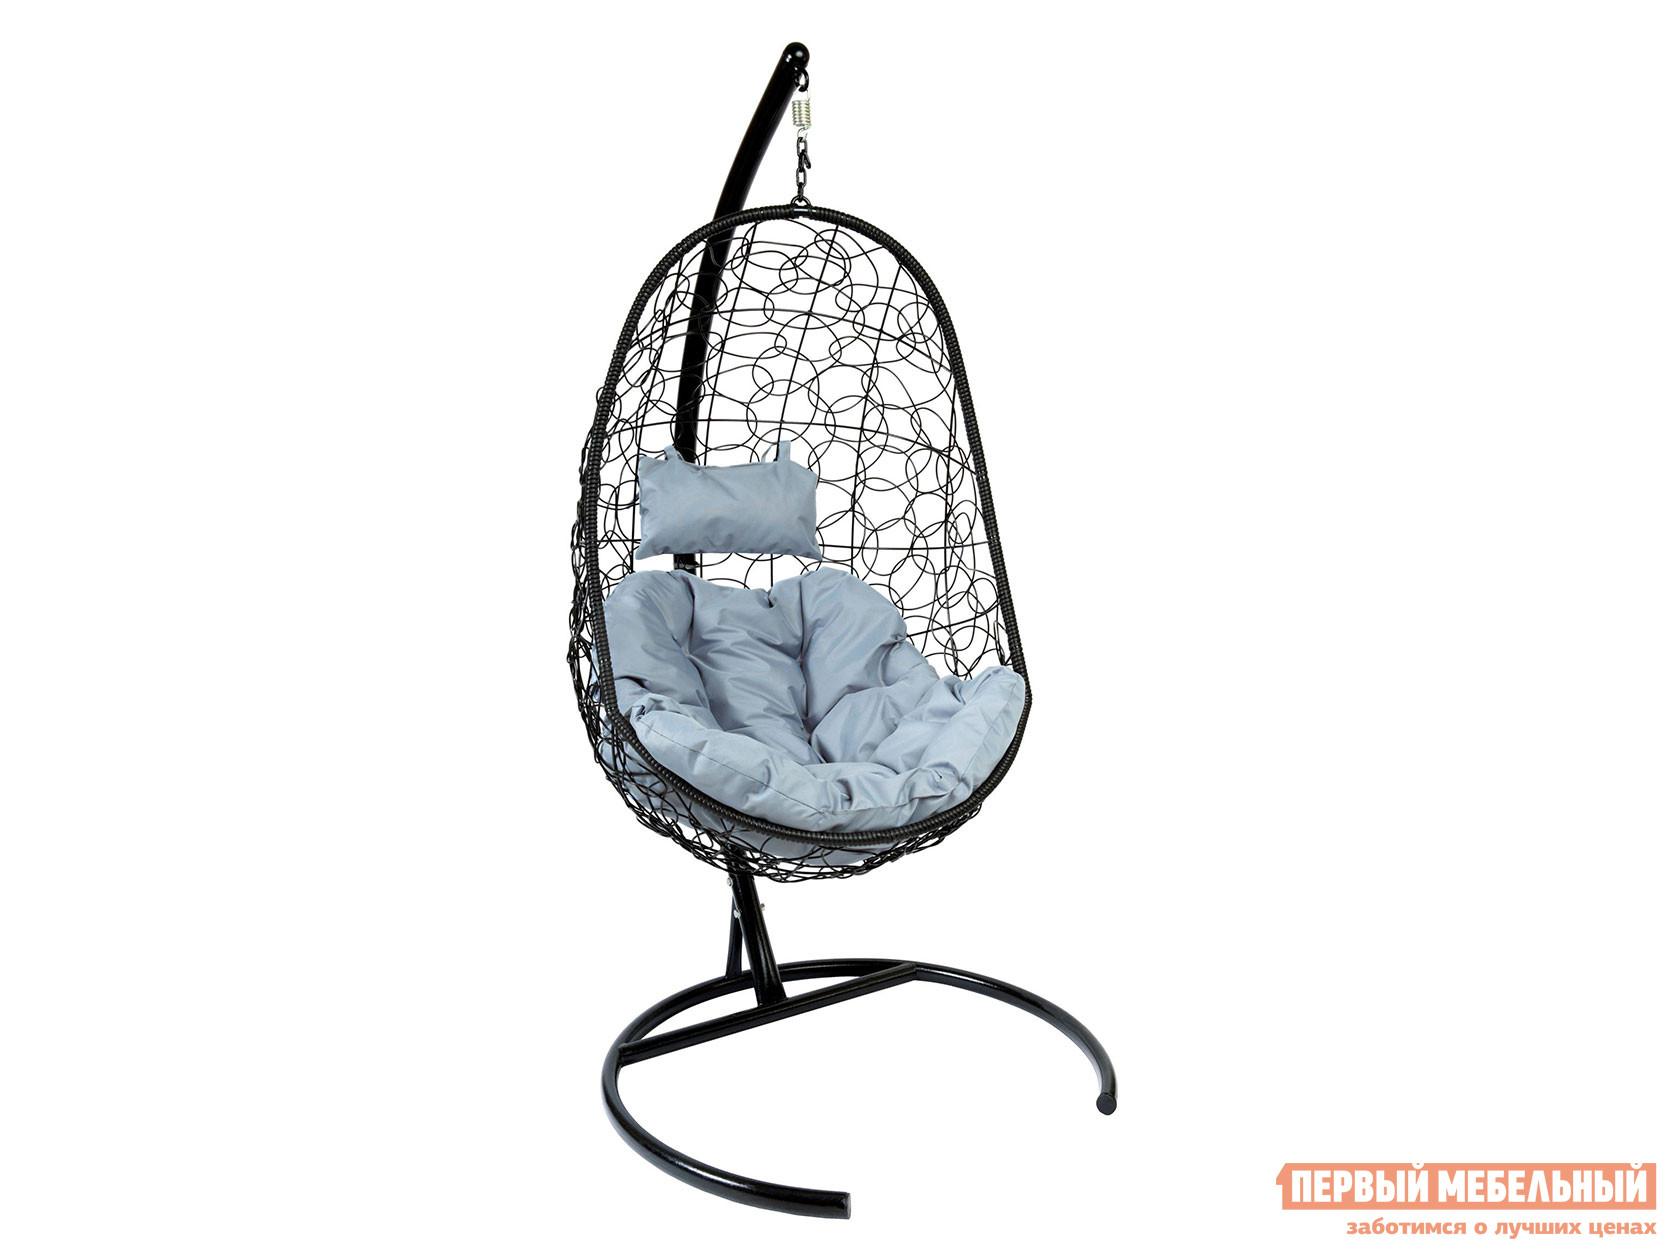 Подвесное кресло ЭкоДизайн Подвесное кресло Z-02